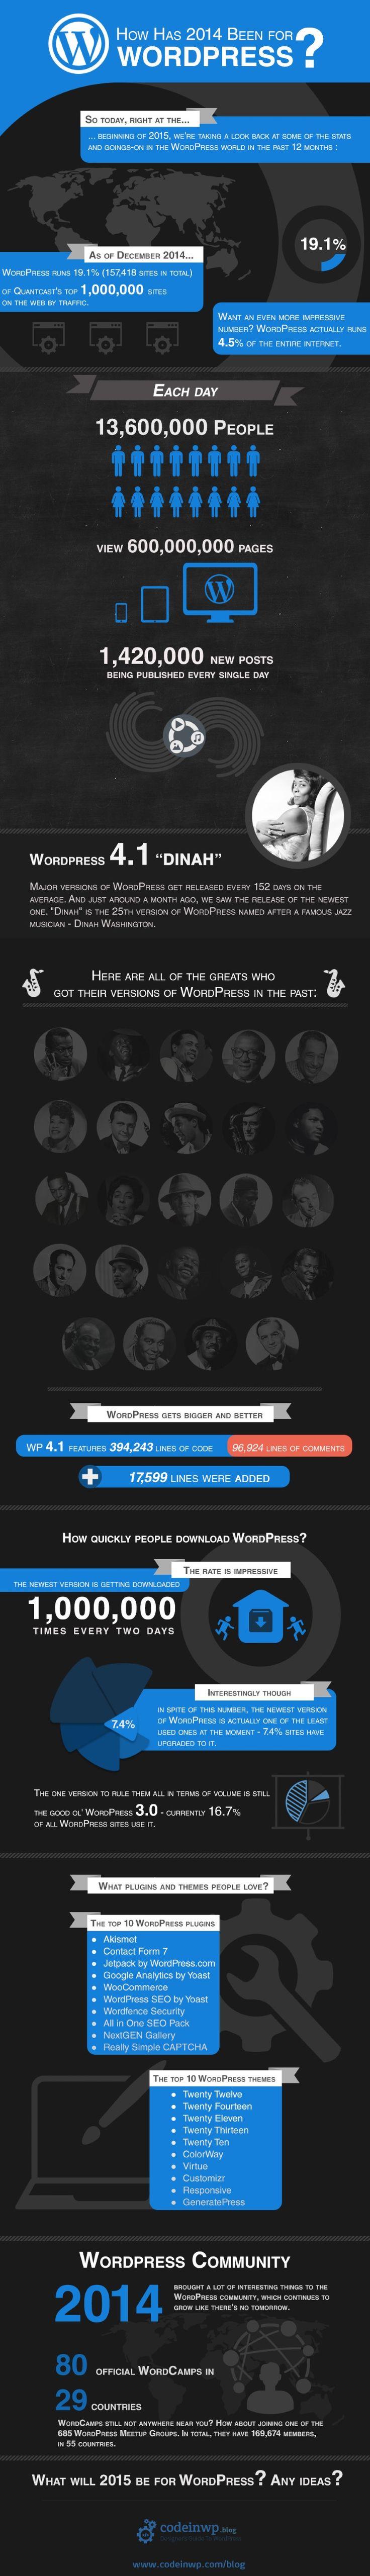 Estatísticas WordPress 2015 por http://www.codeinwp.com/blog/